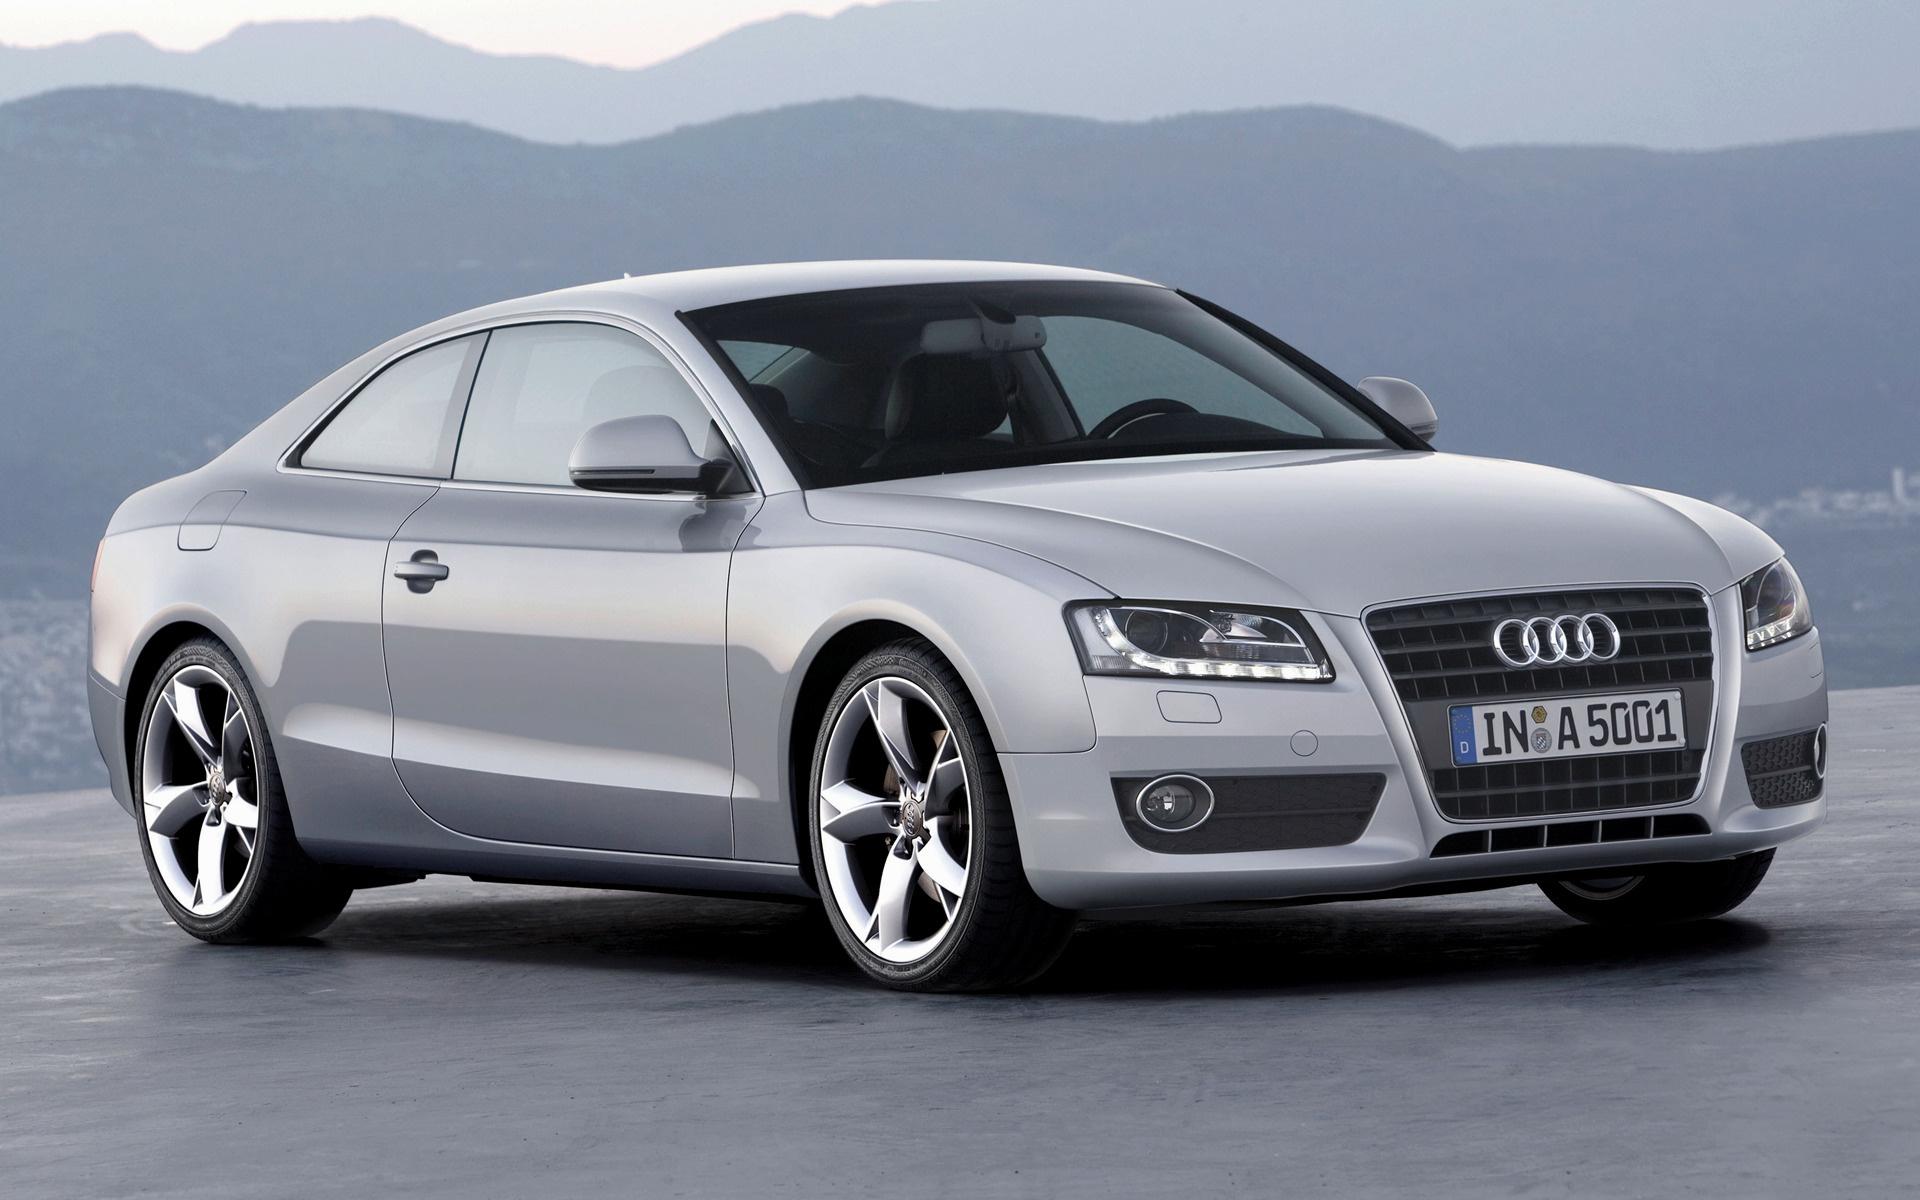 Kekurangan Audi A5 2007 Perbandingan Harga